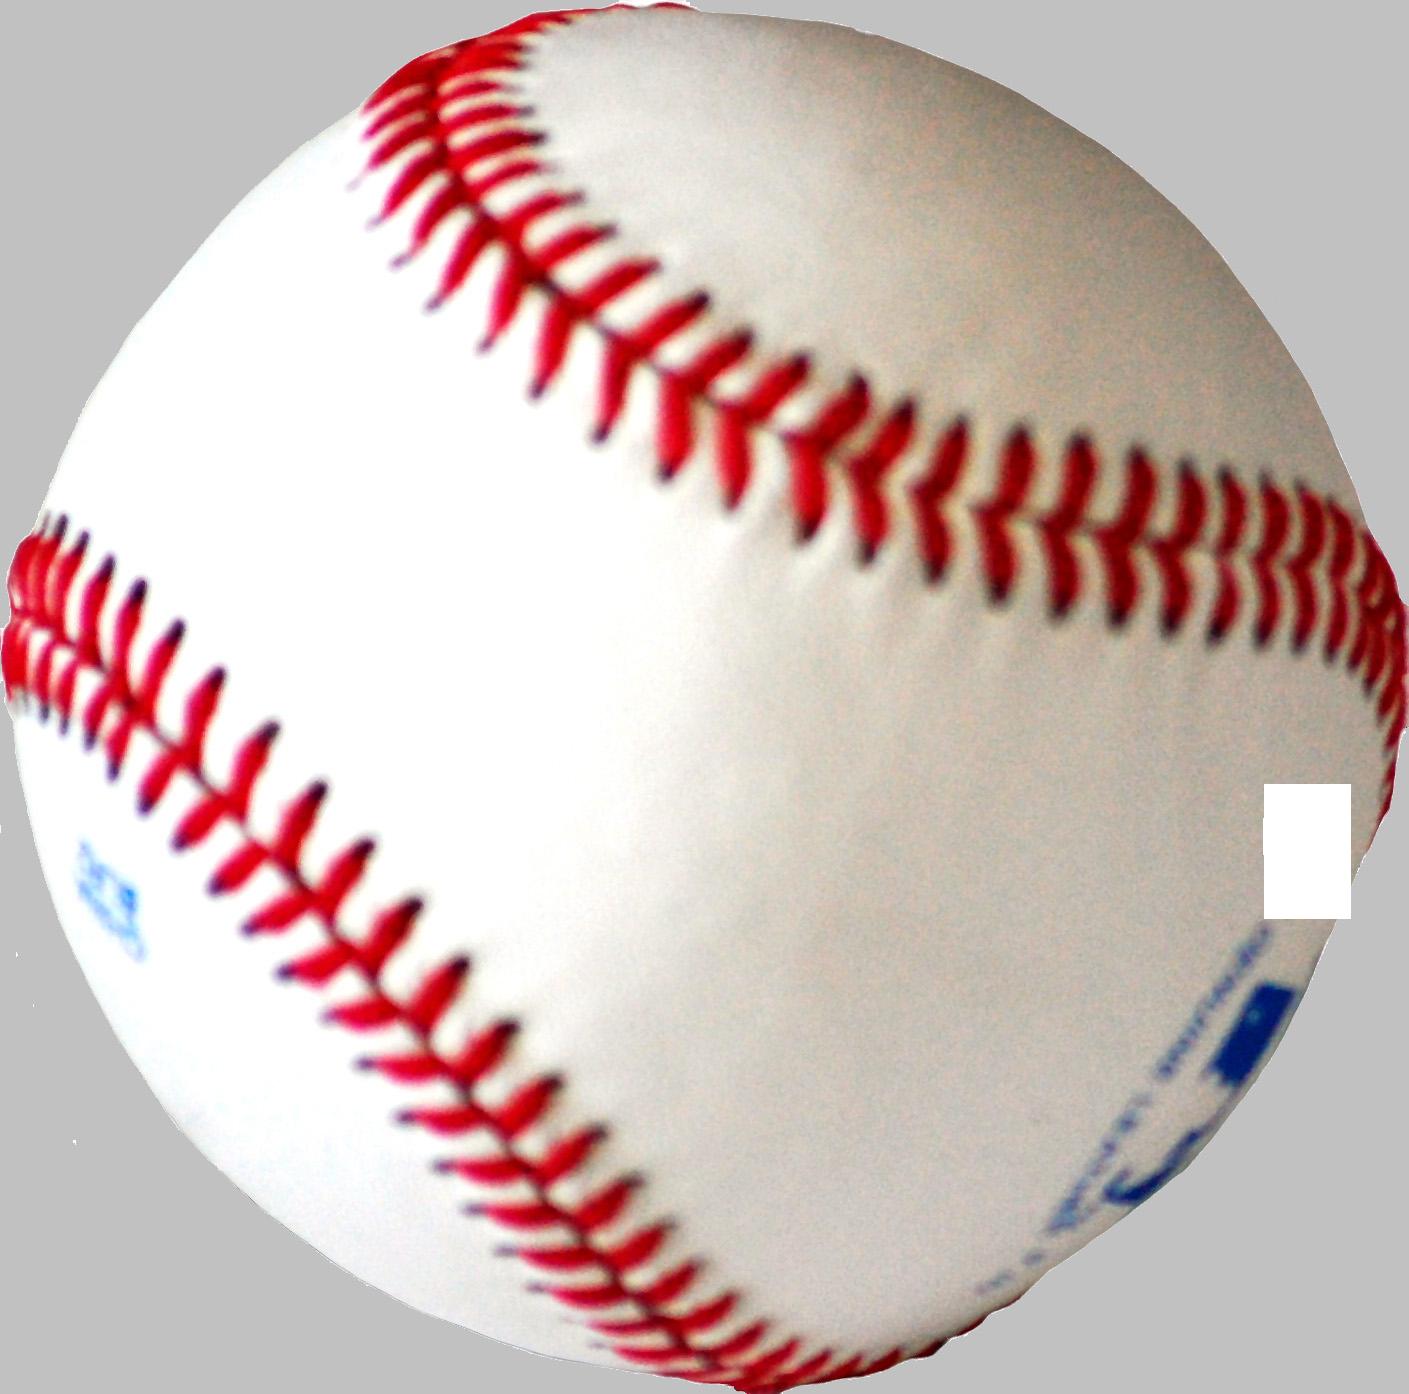 File:Balle de baseball.png - Baseball PNG